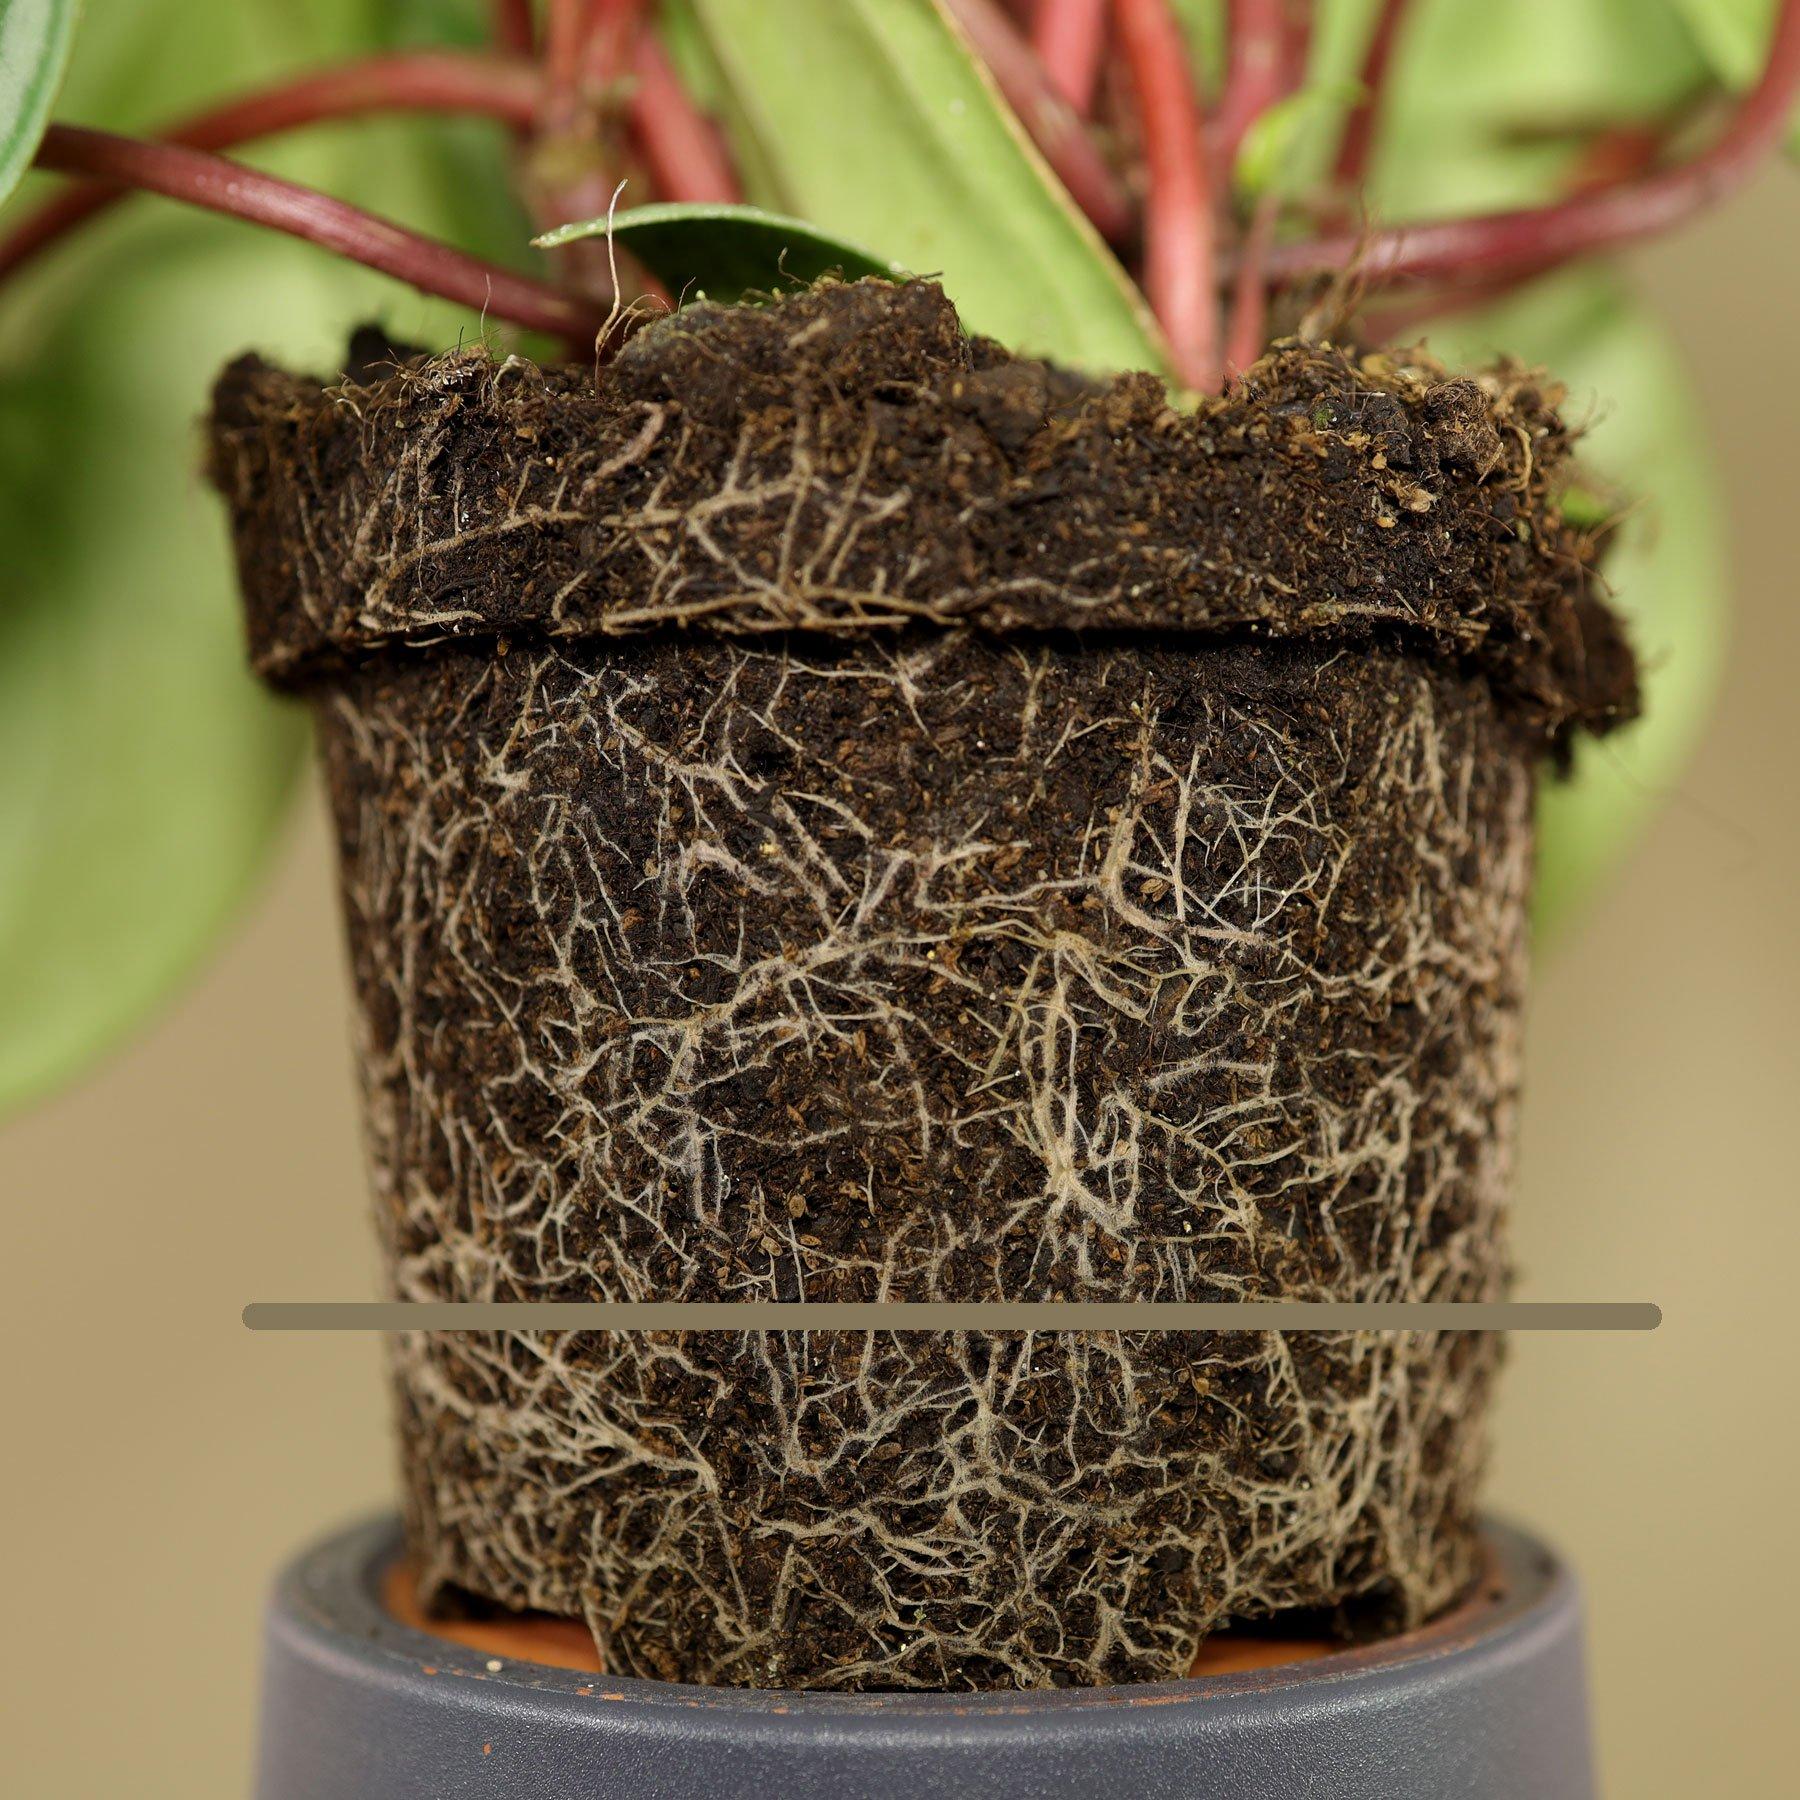 Peperomia argyreia gießen